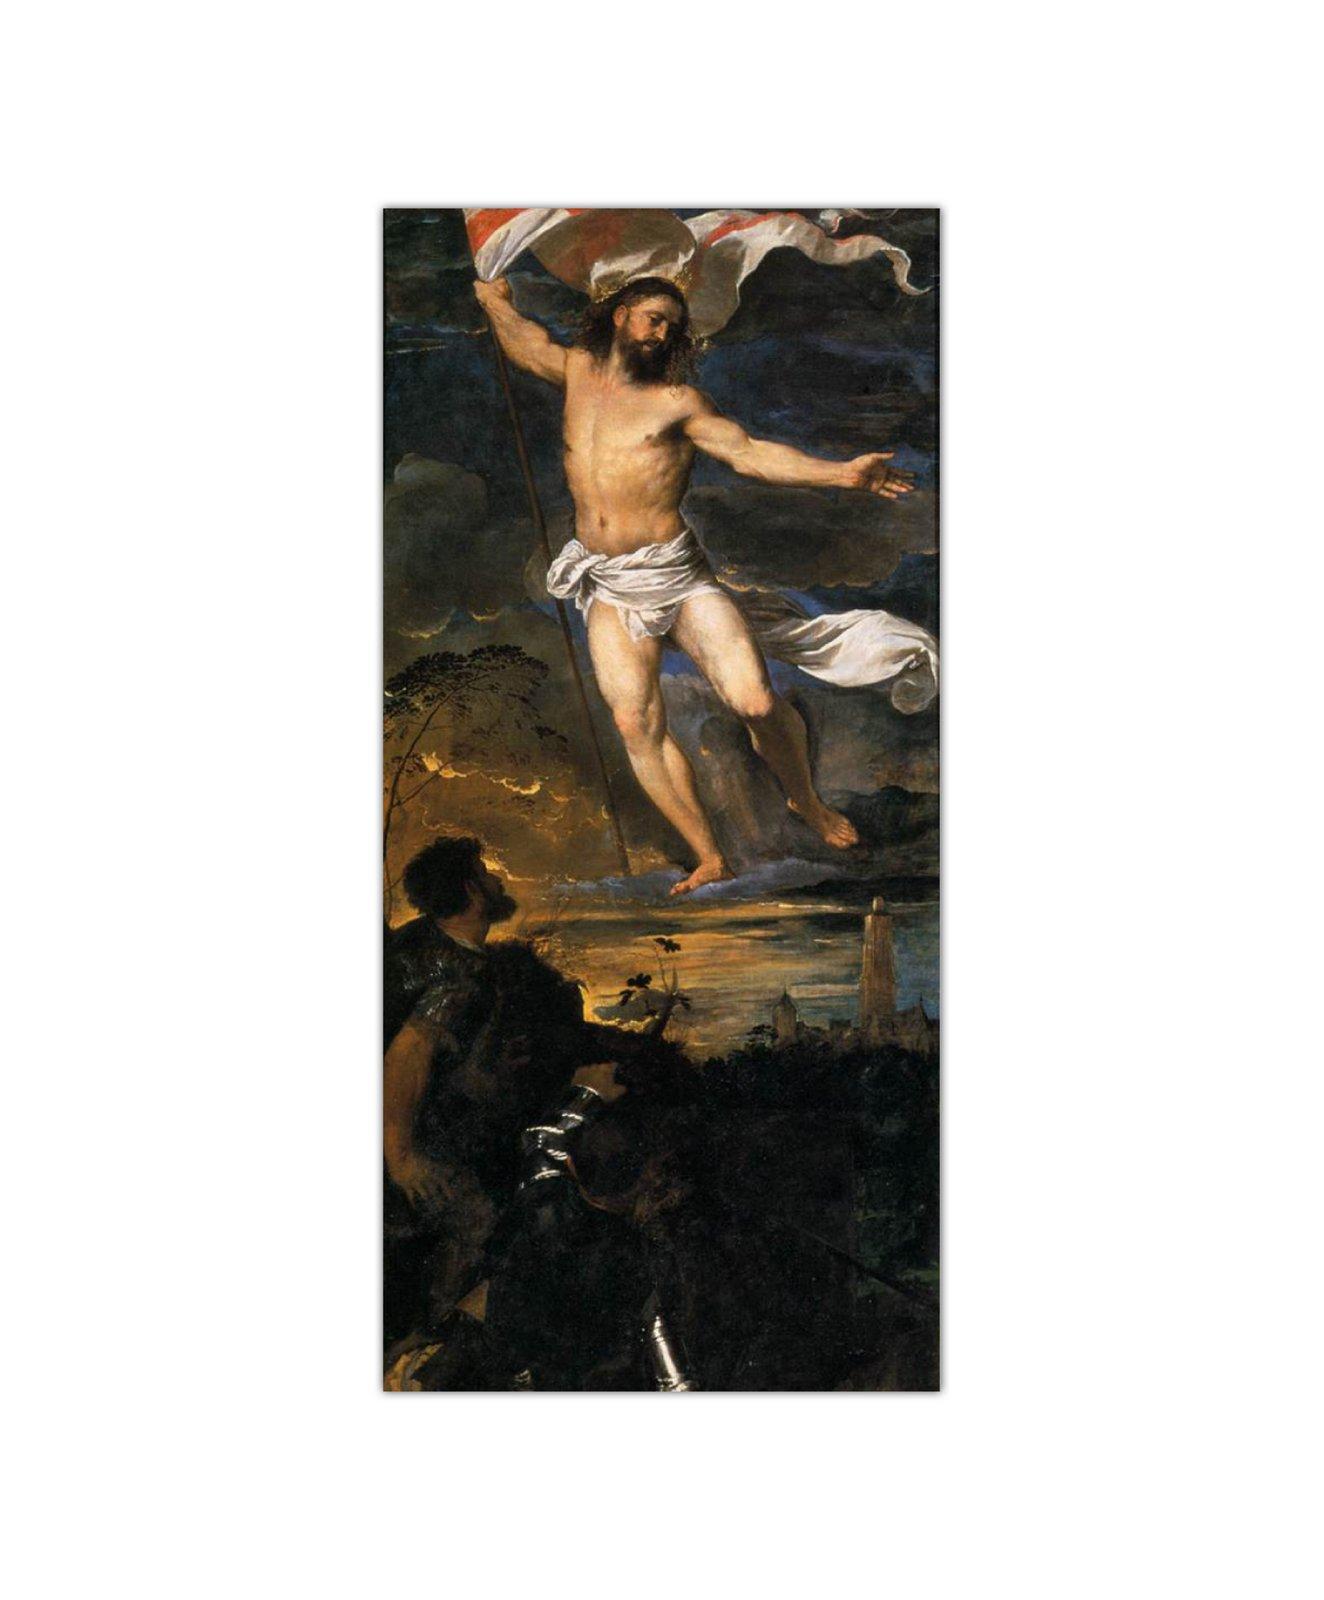 Tycjan, Zmartwychwstanie, ok. 1520 2